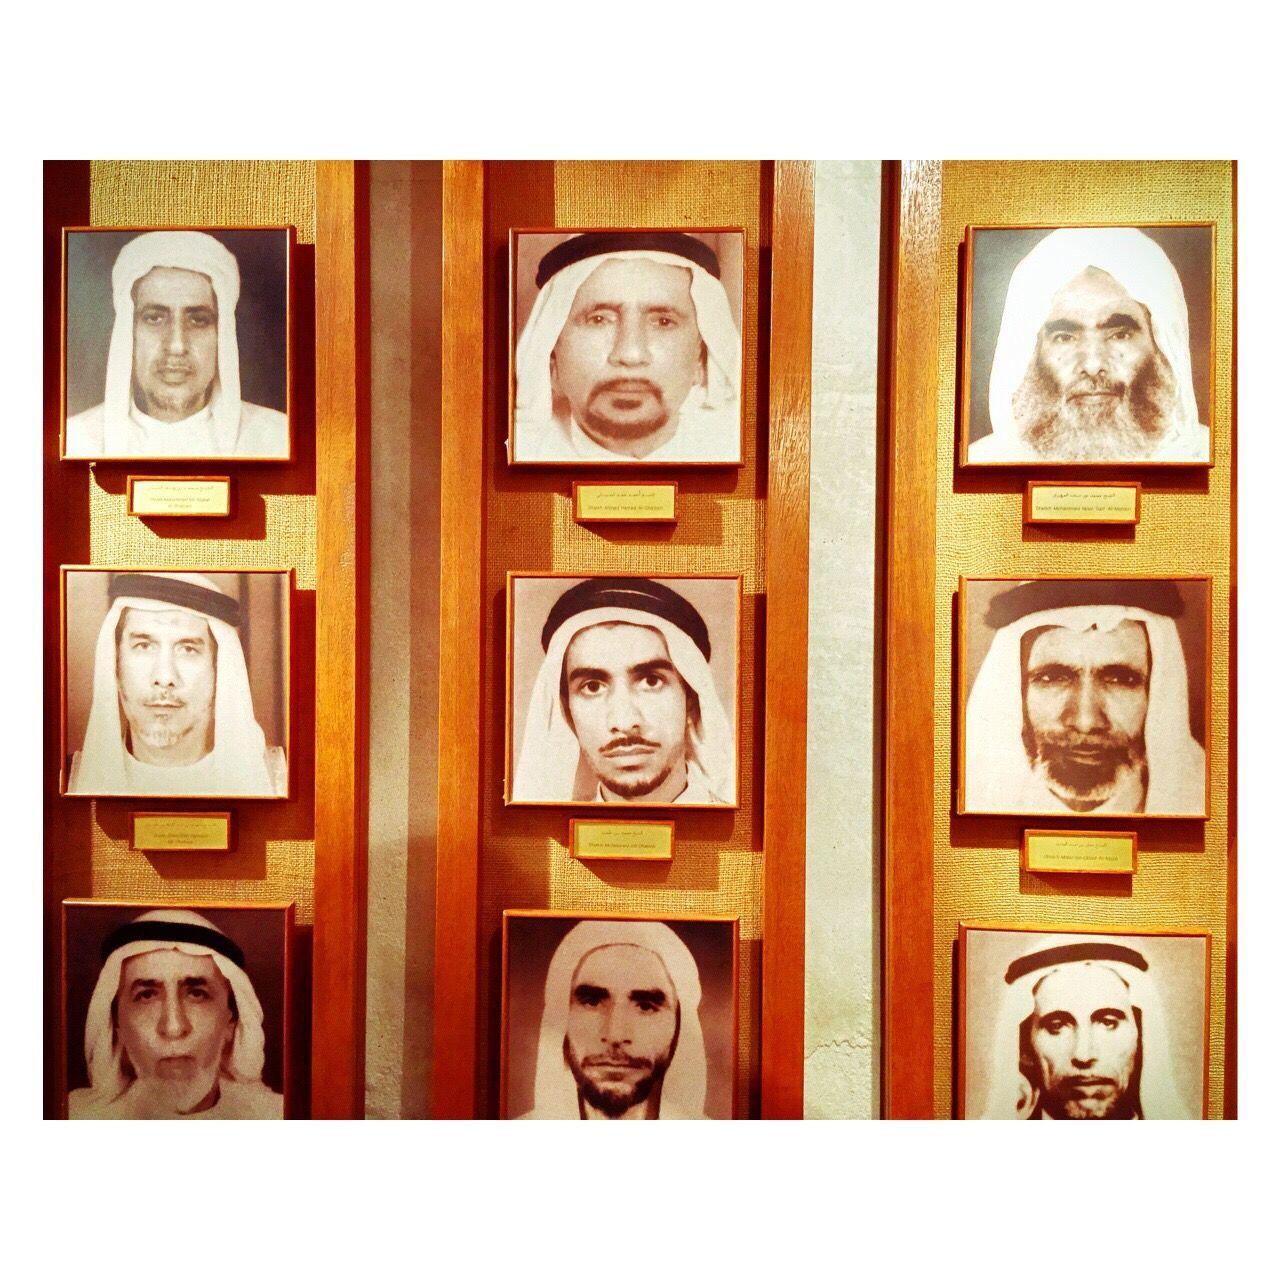 Arabic People UAE , Dubai UAE Sheik dubaimuseum Dubaimuseum